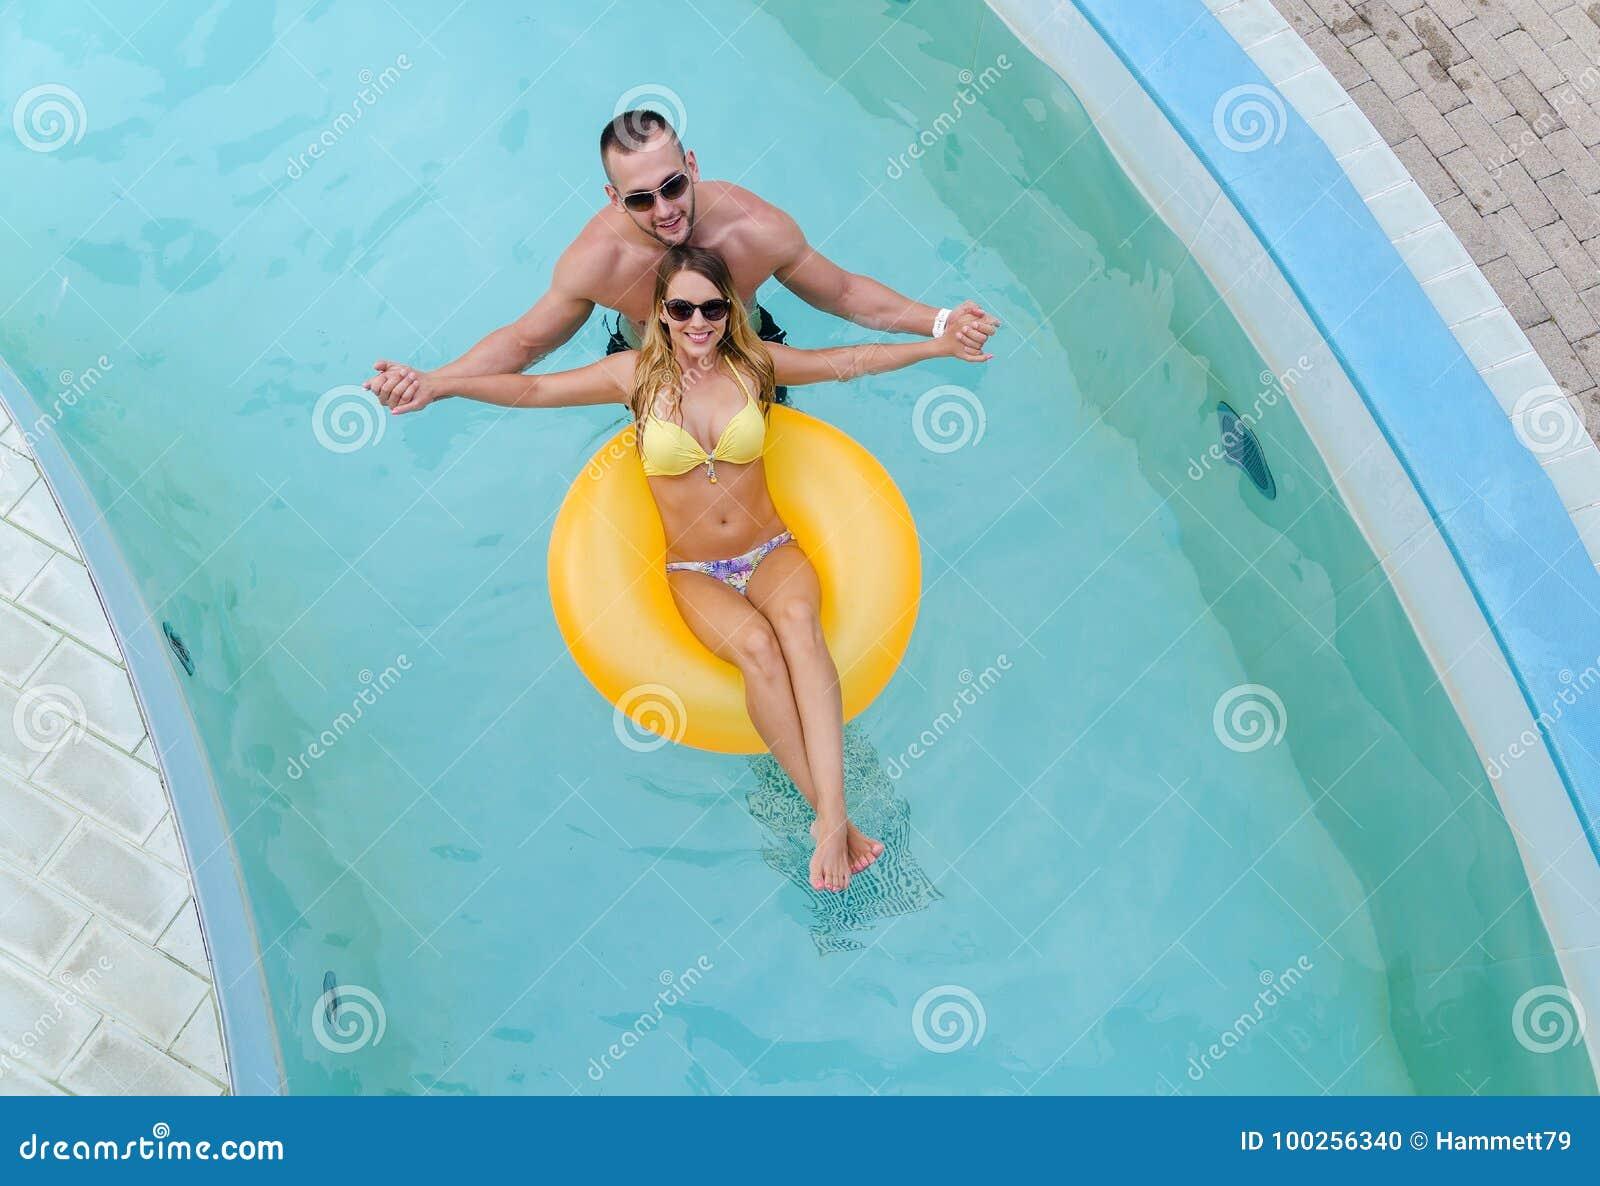 Junges cople, das Spaß im Wasser mit gelber Matratze hat